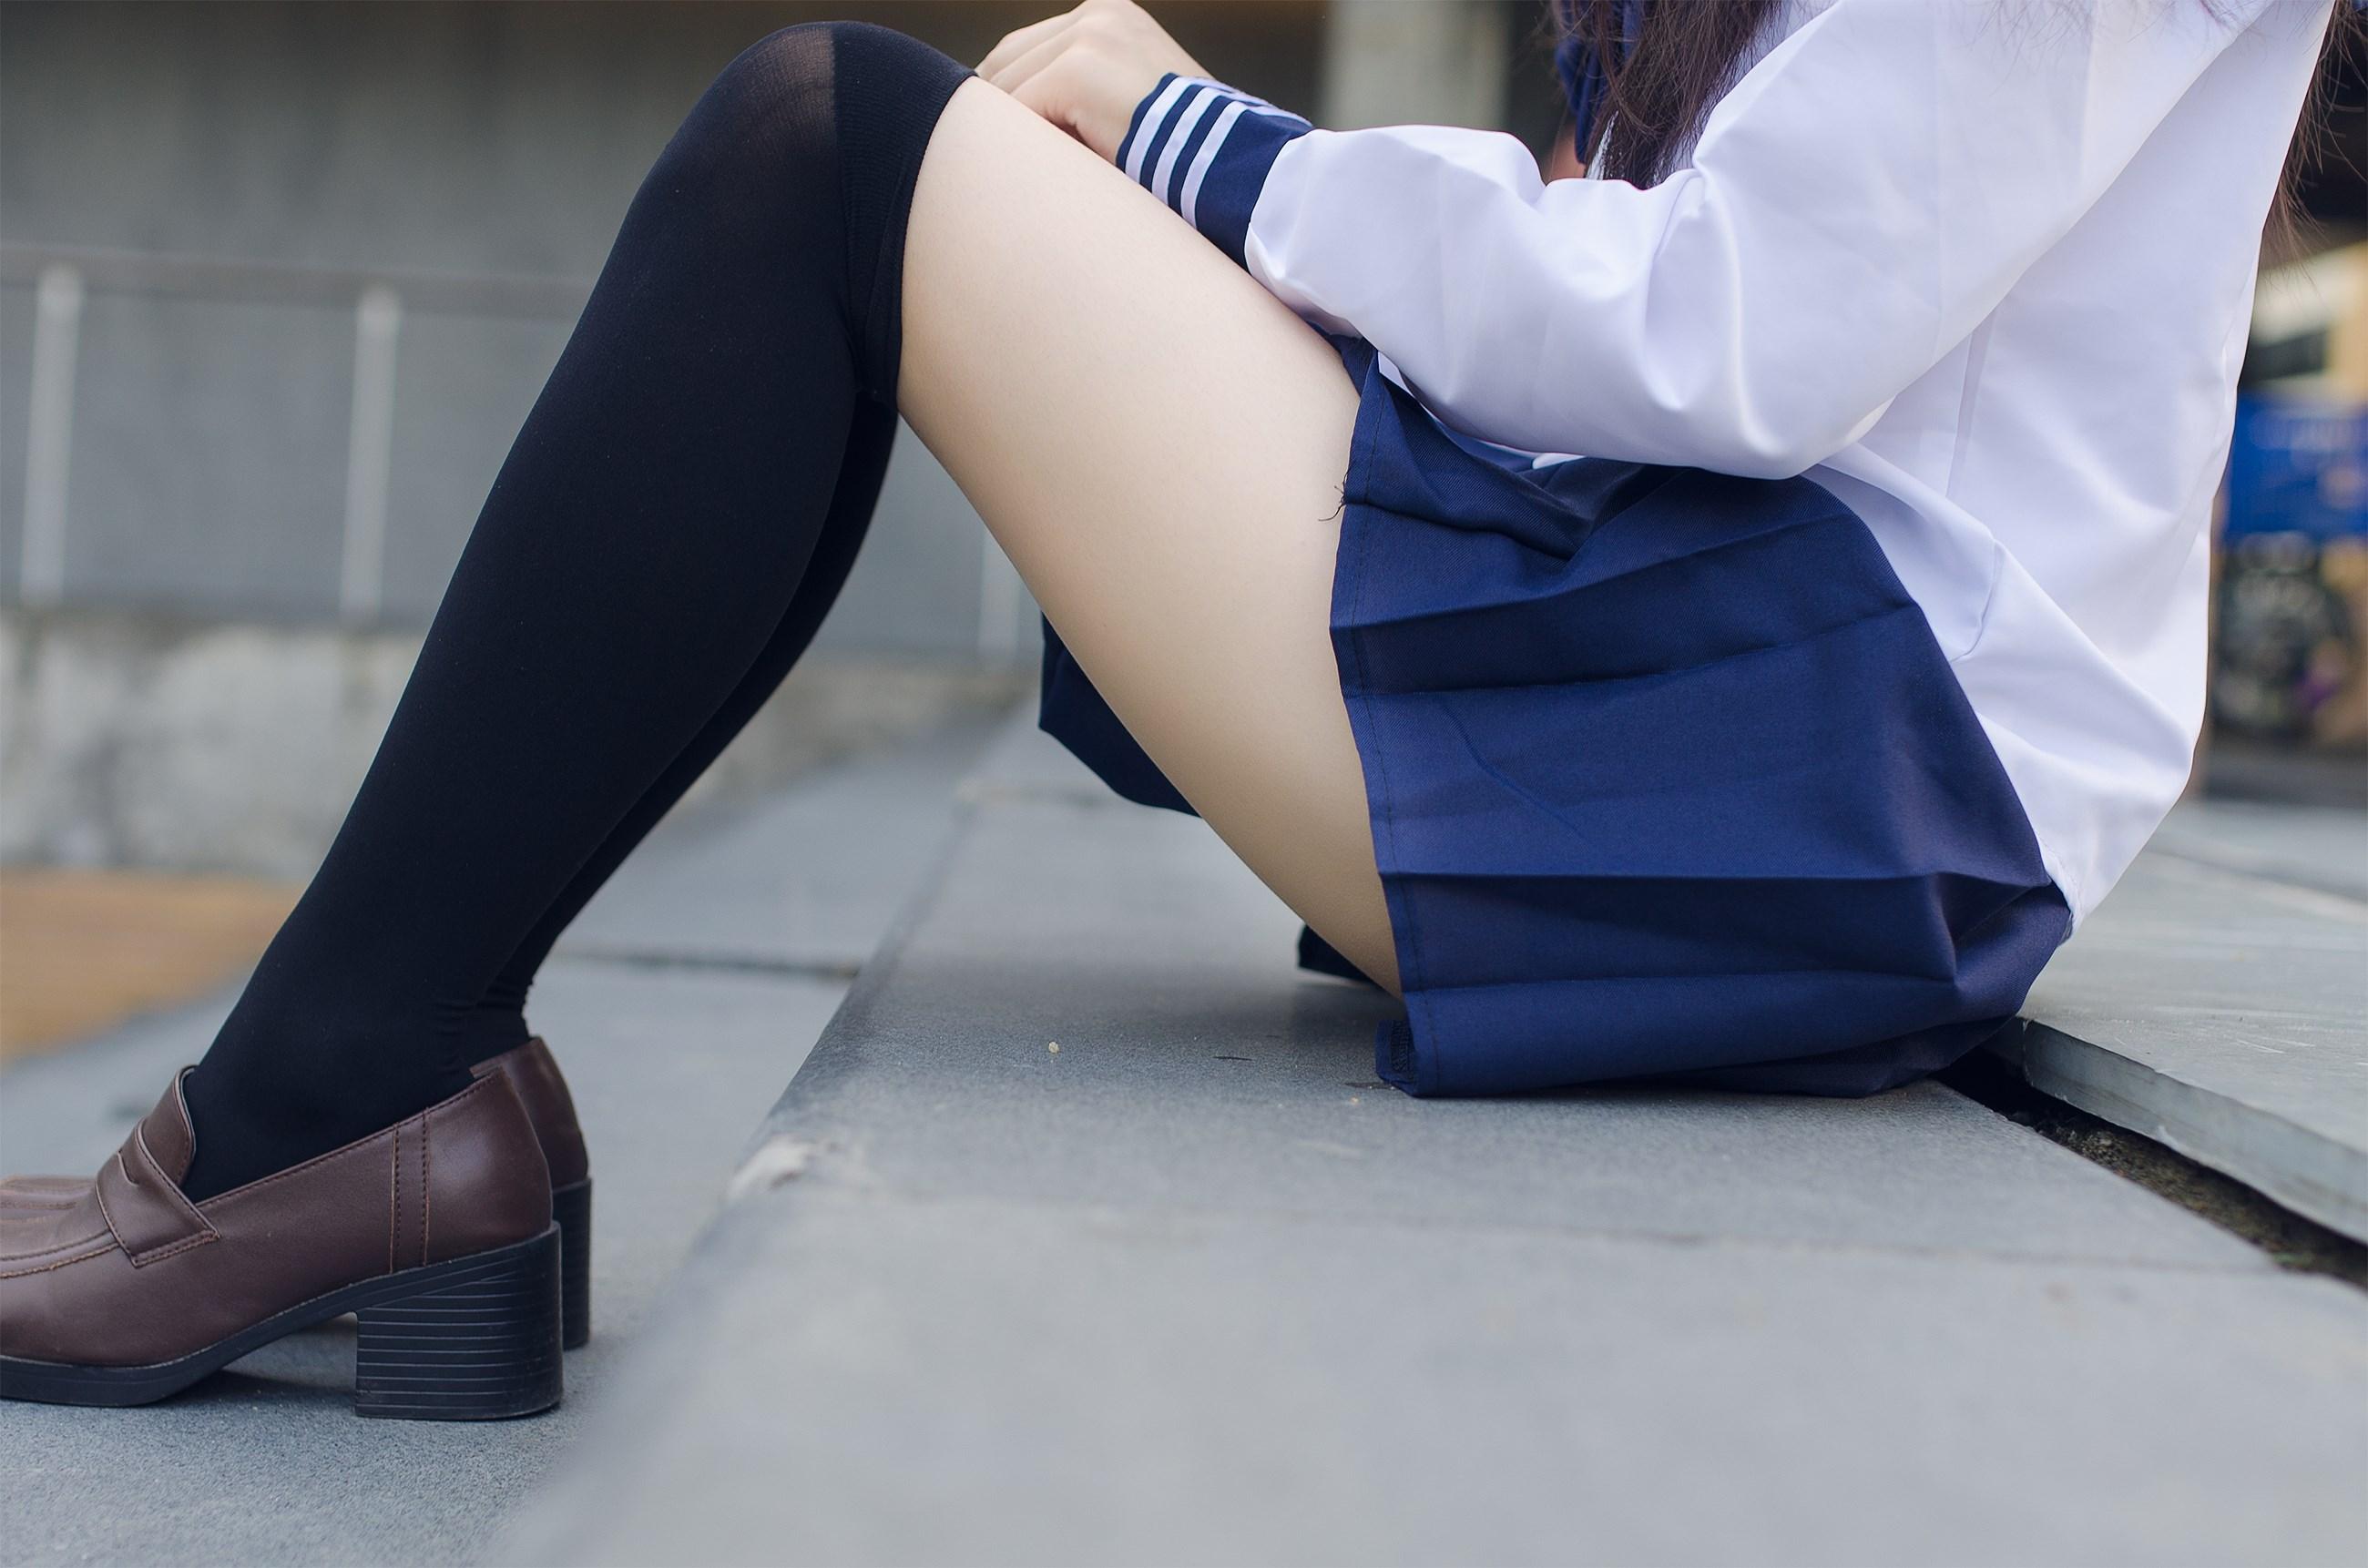 【兔玩映画】过膝袜 兔玩映画 第21张